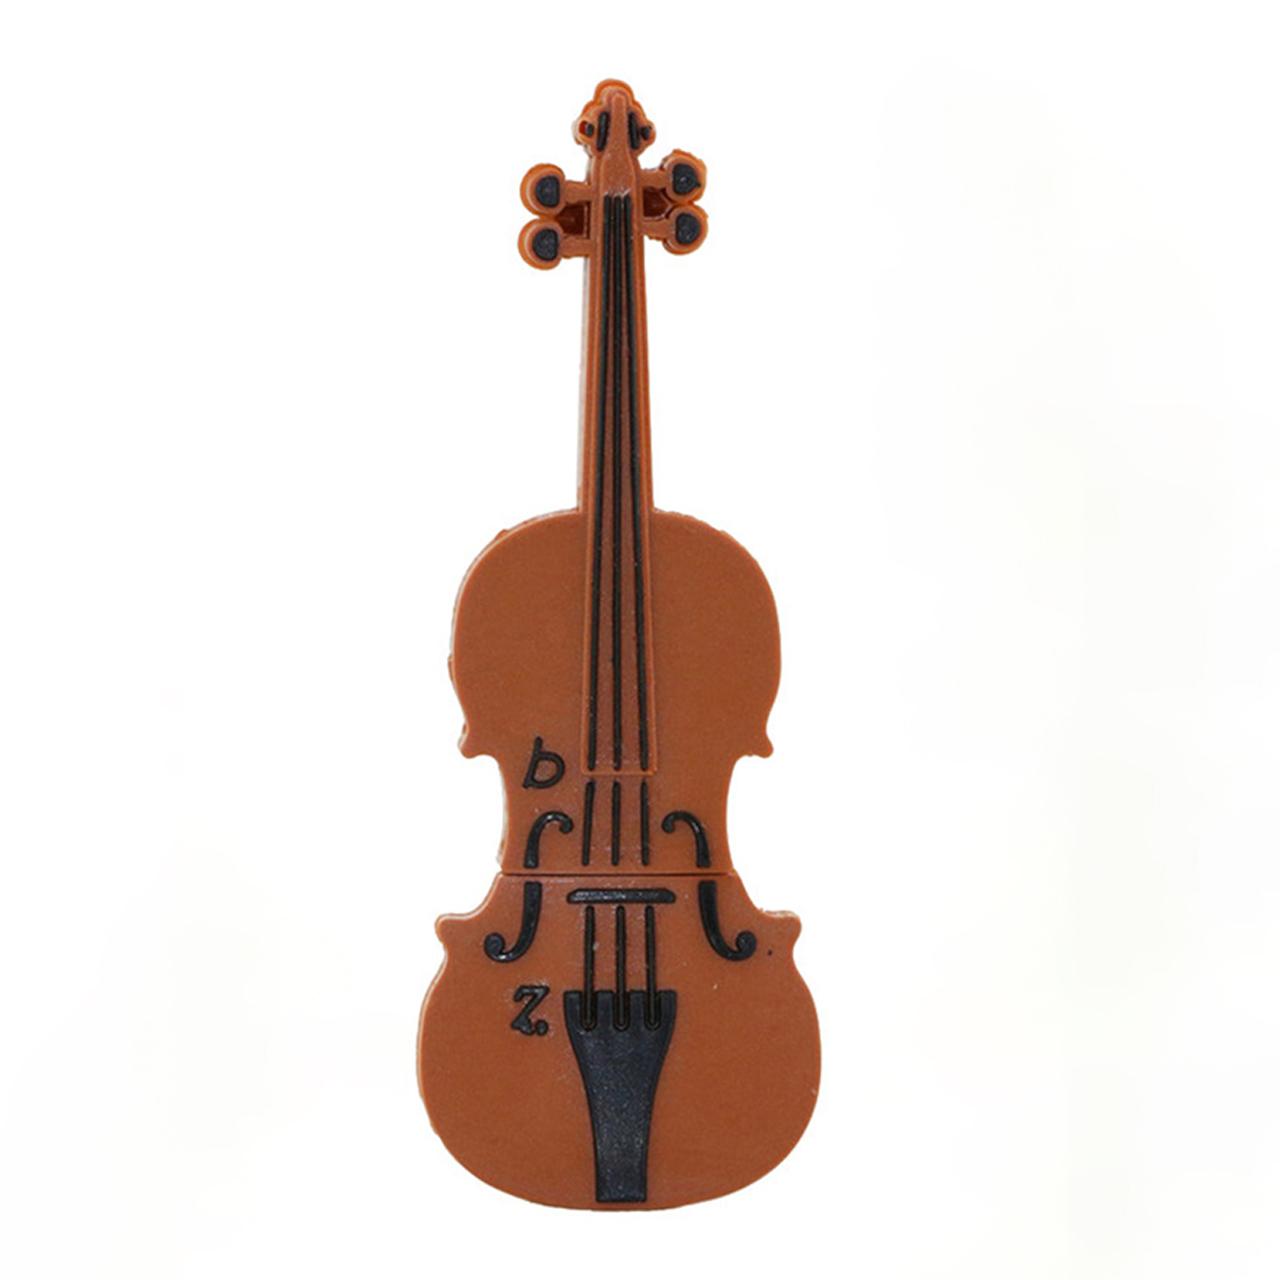 بررسی و {خرید با تخفیف} فلش مموری طرح ویولون مدل Ul-PVC-Violin03 ظرفیت 16 گیگابایت اصل